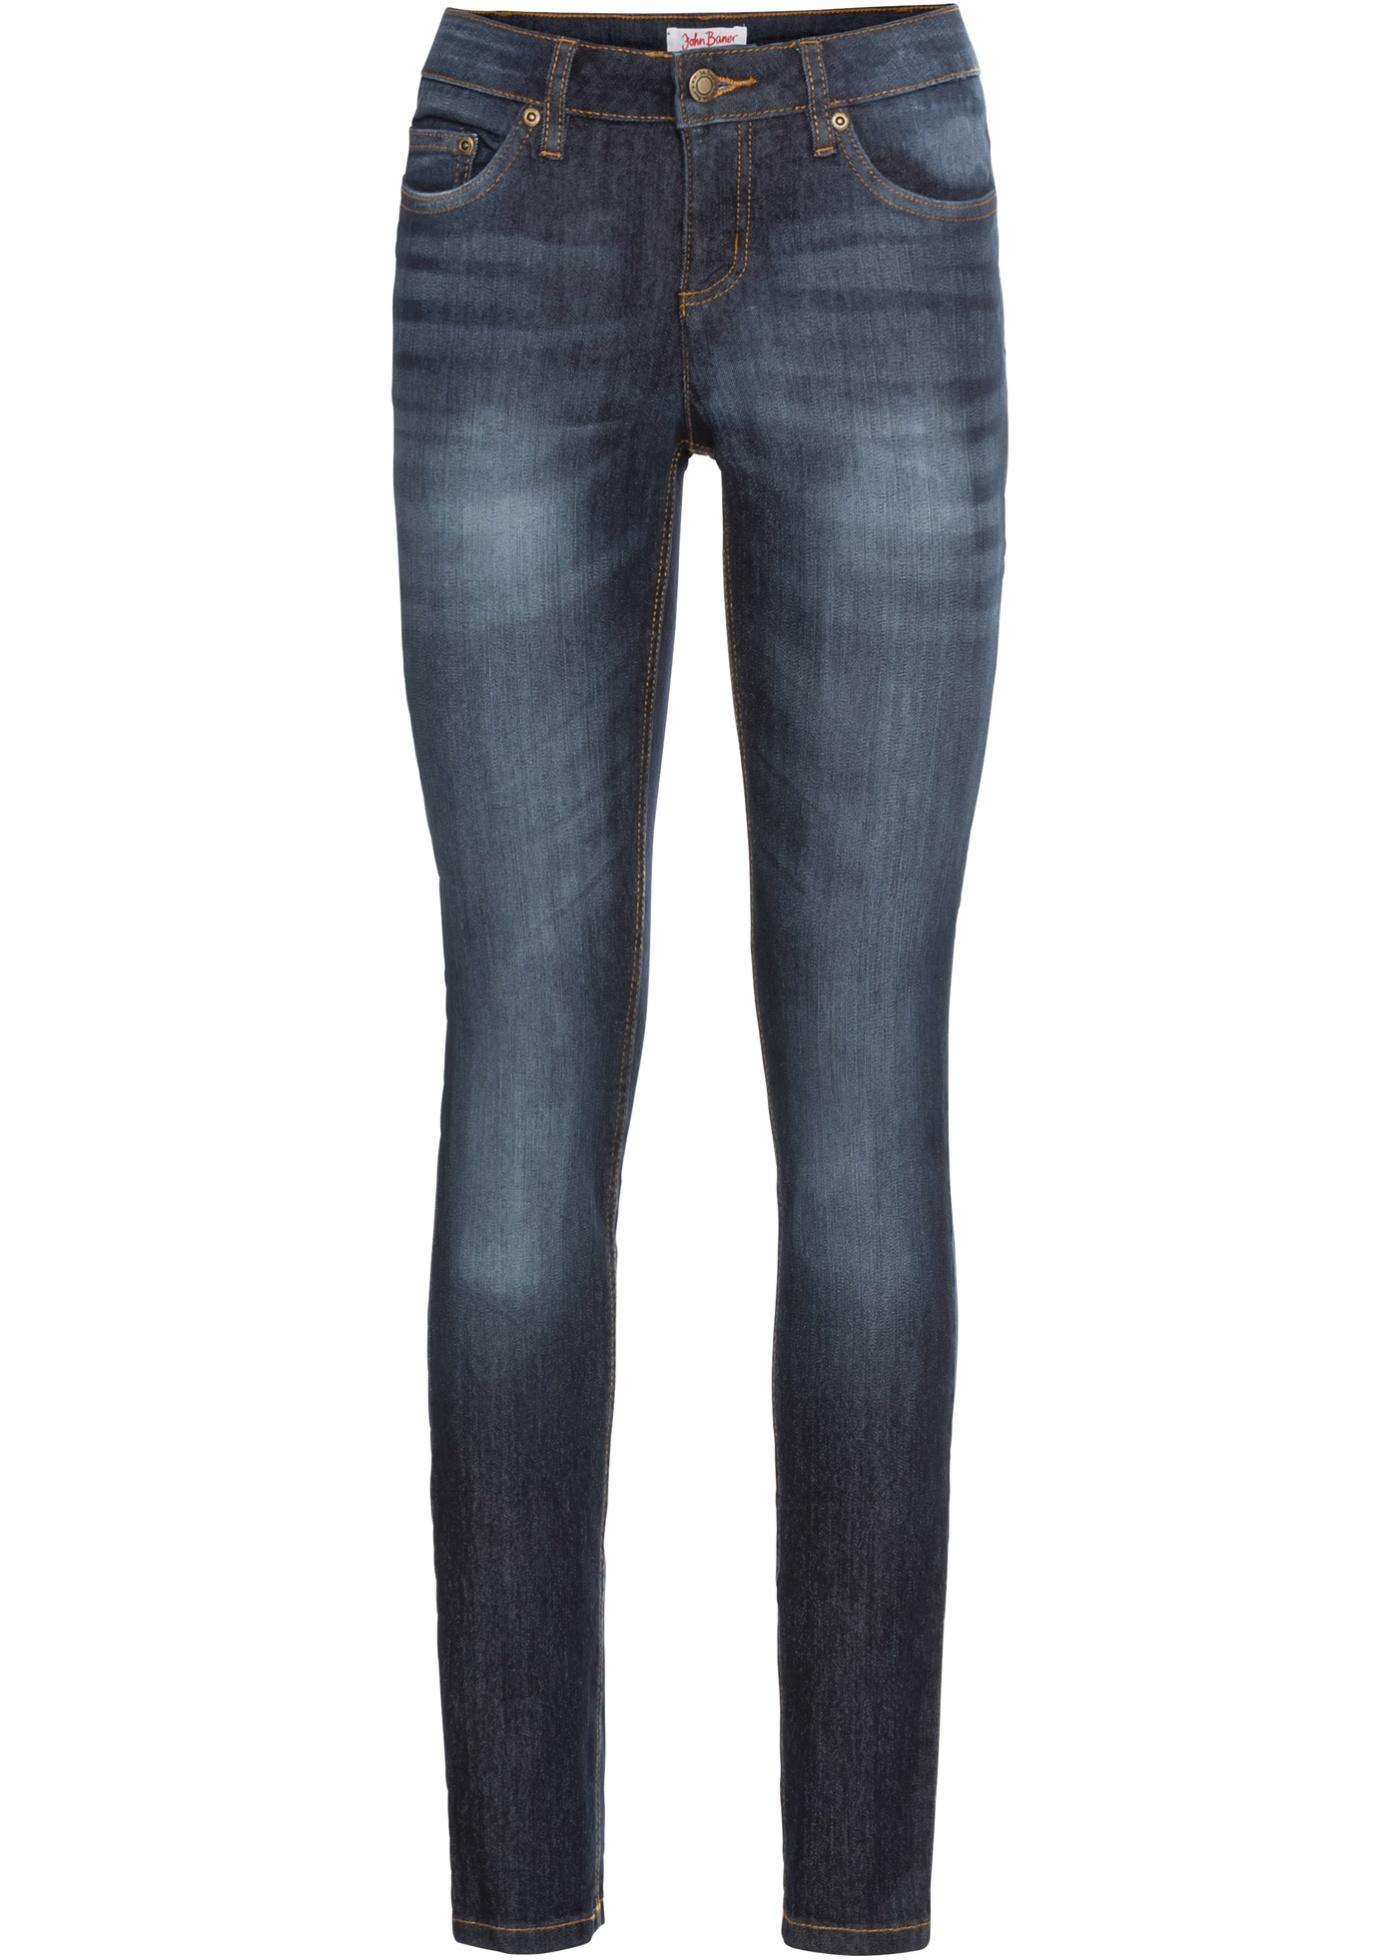 Bonprix - Skinny jeans 199.00